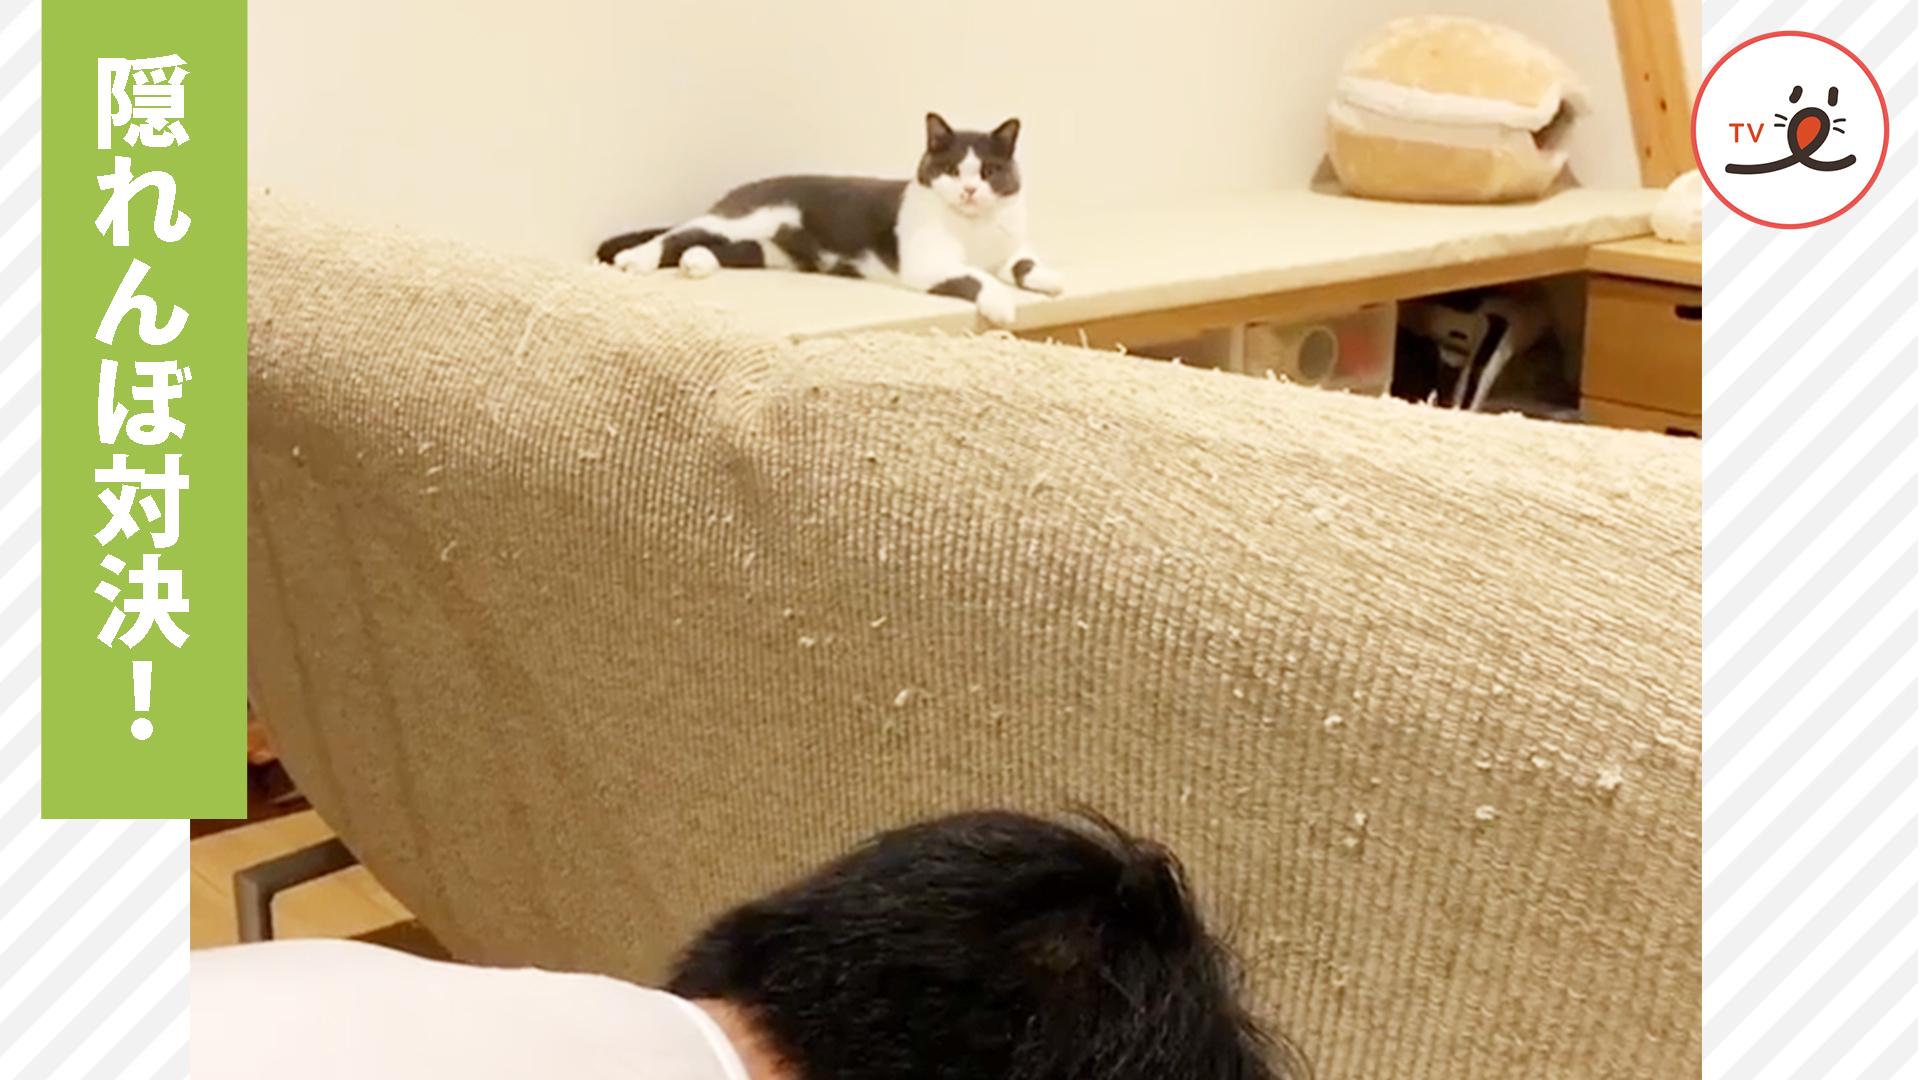 隠れんぼがめっぽう強い猫さん✨ パパとの二本勝負🤣